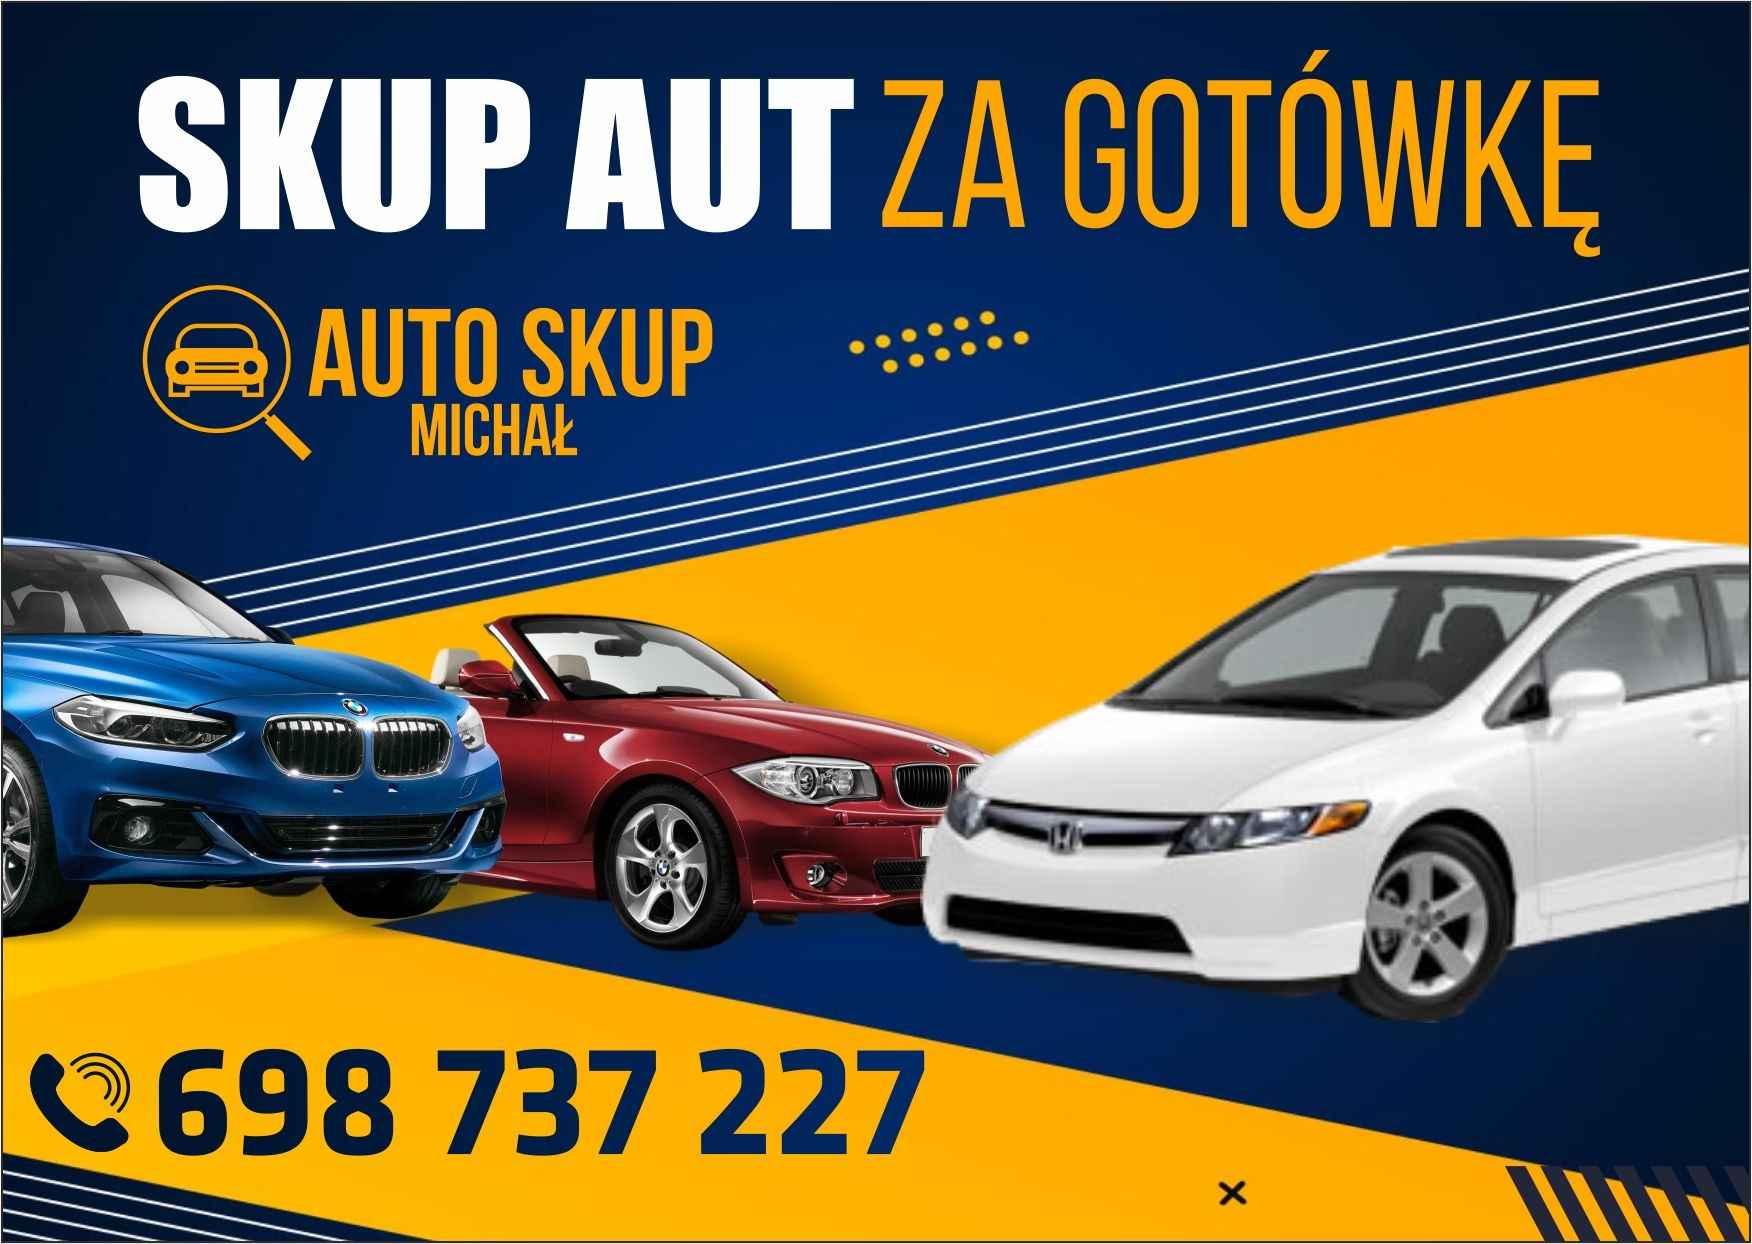 Skup Aut-Skup Samochodów #Wołomin i okolice# Najwyższe CENY! Wołomin - zdjęcie 1